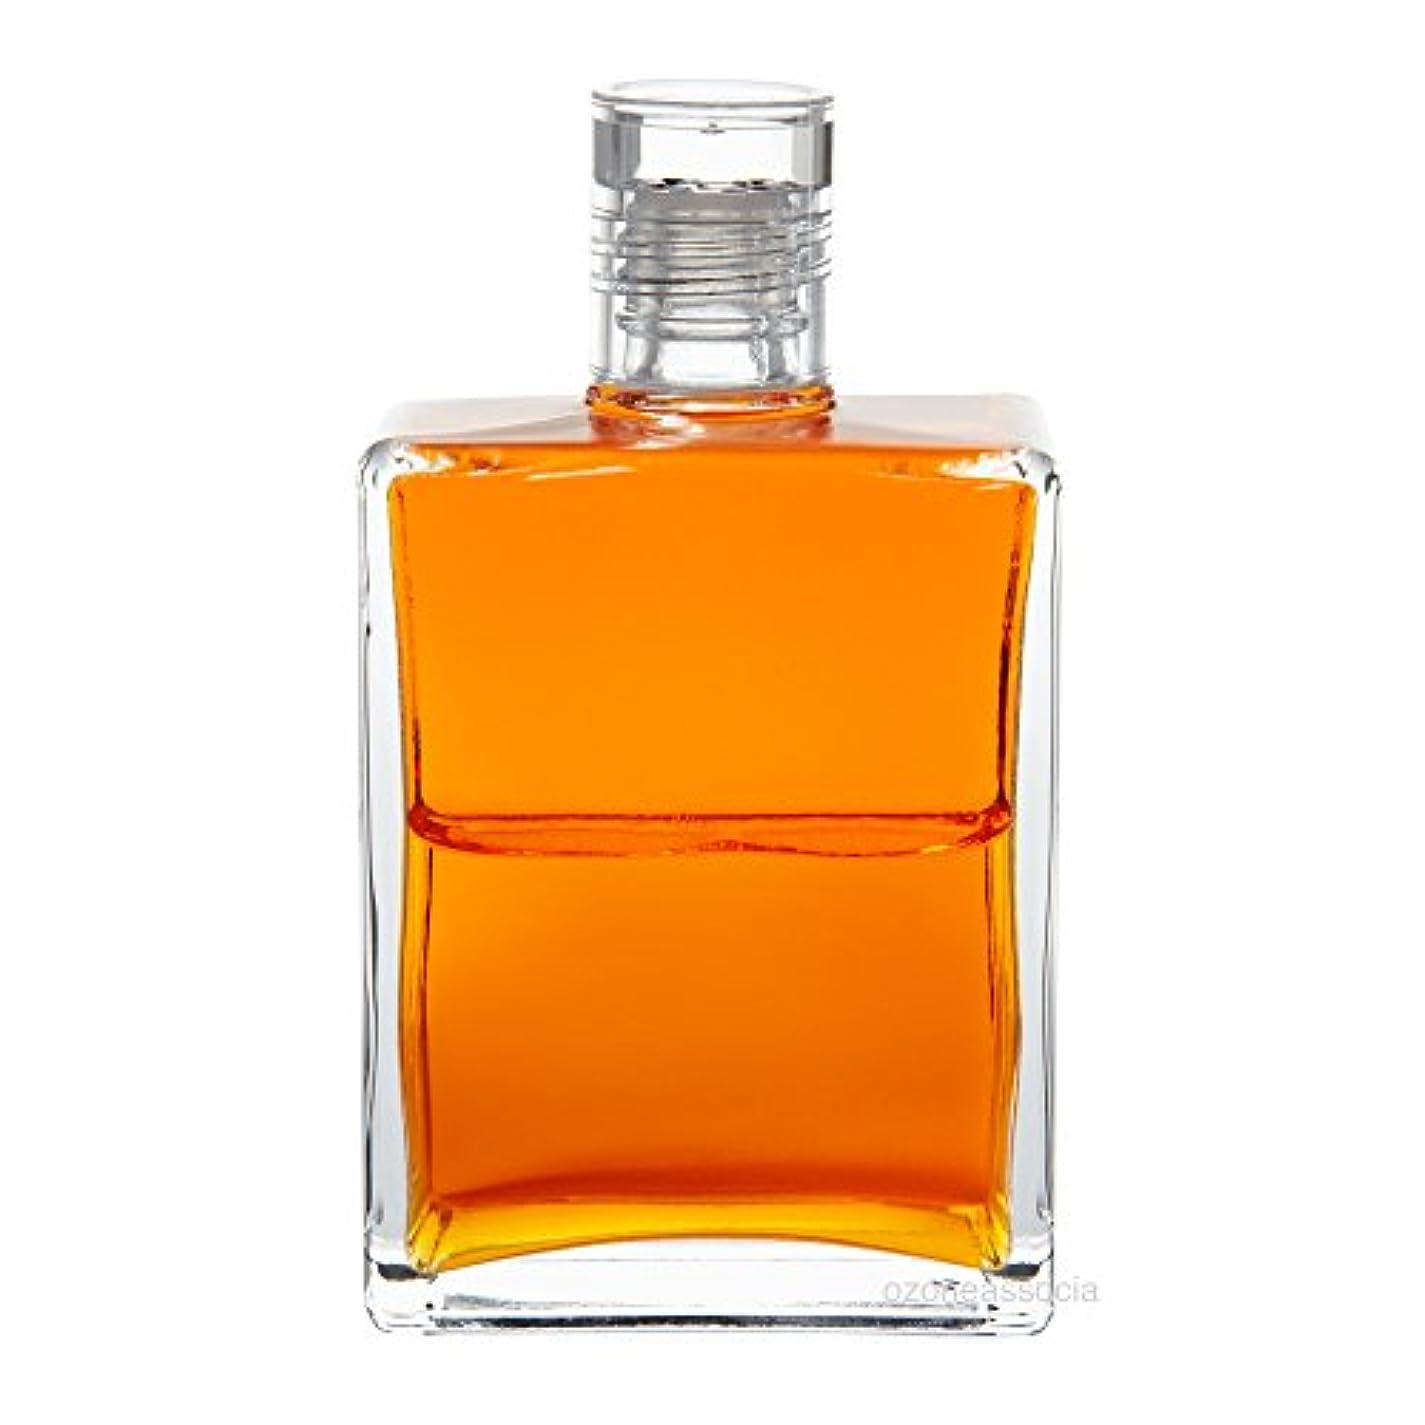 批判するキャプション小屋オーラソーマ ボトル 26番  エーテルレスキュー/パンプティ?ダンプティボトル (オレンジ/オレンジ) イクイリブリアムボトル50ml Aurasoma